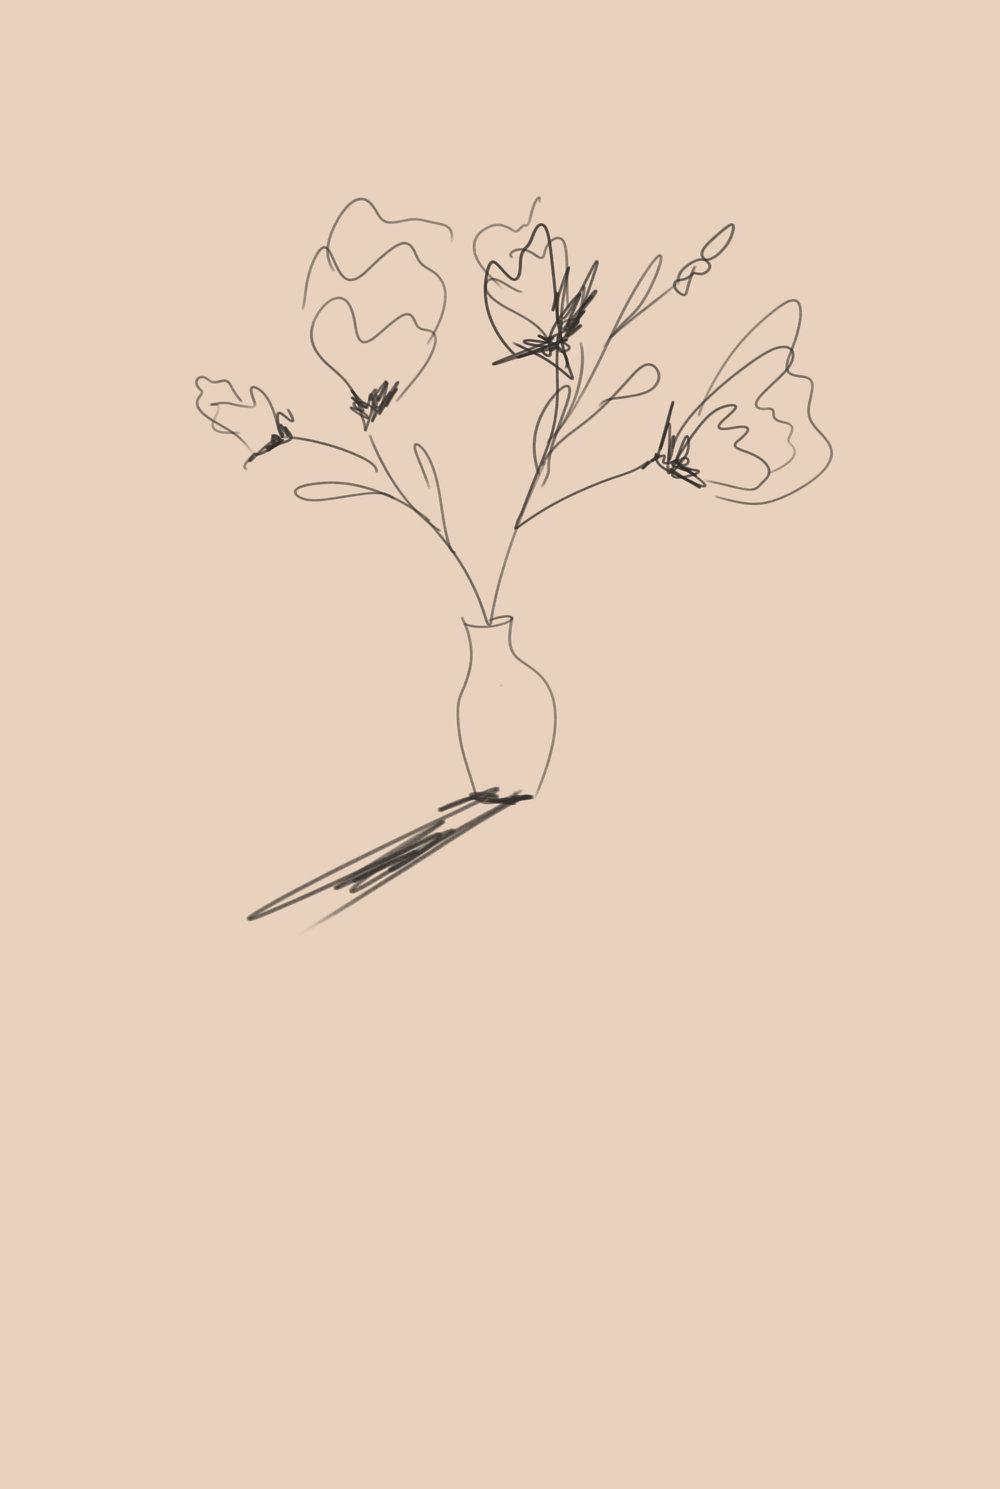 flower-shop-illustration-2-loolaadesigns.jpg